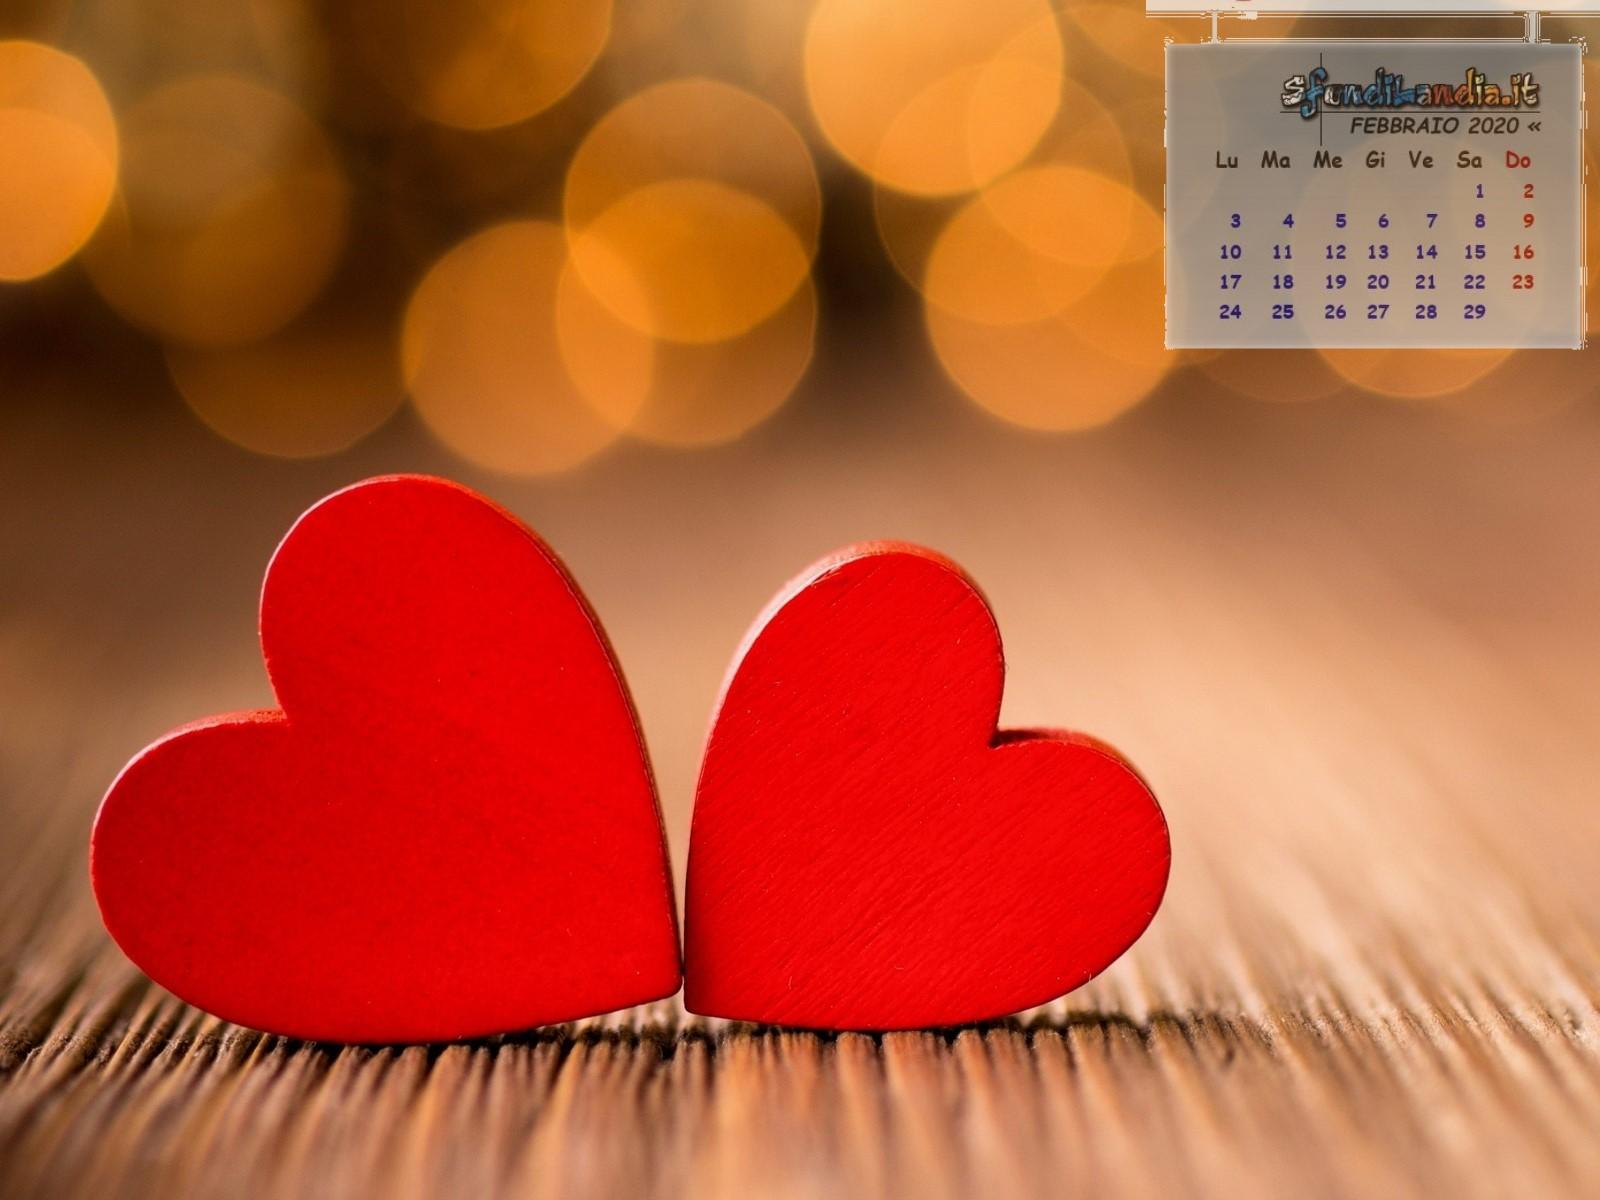 2020-02 Febbraio 1